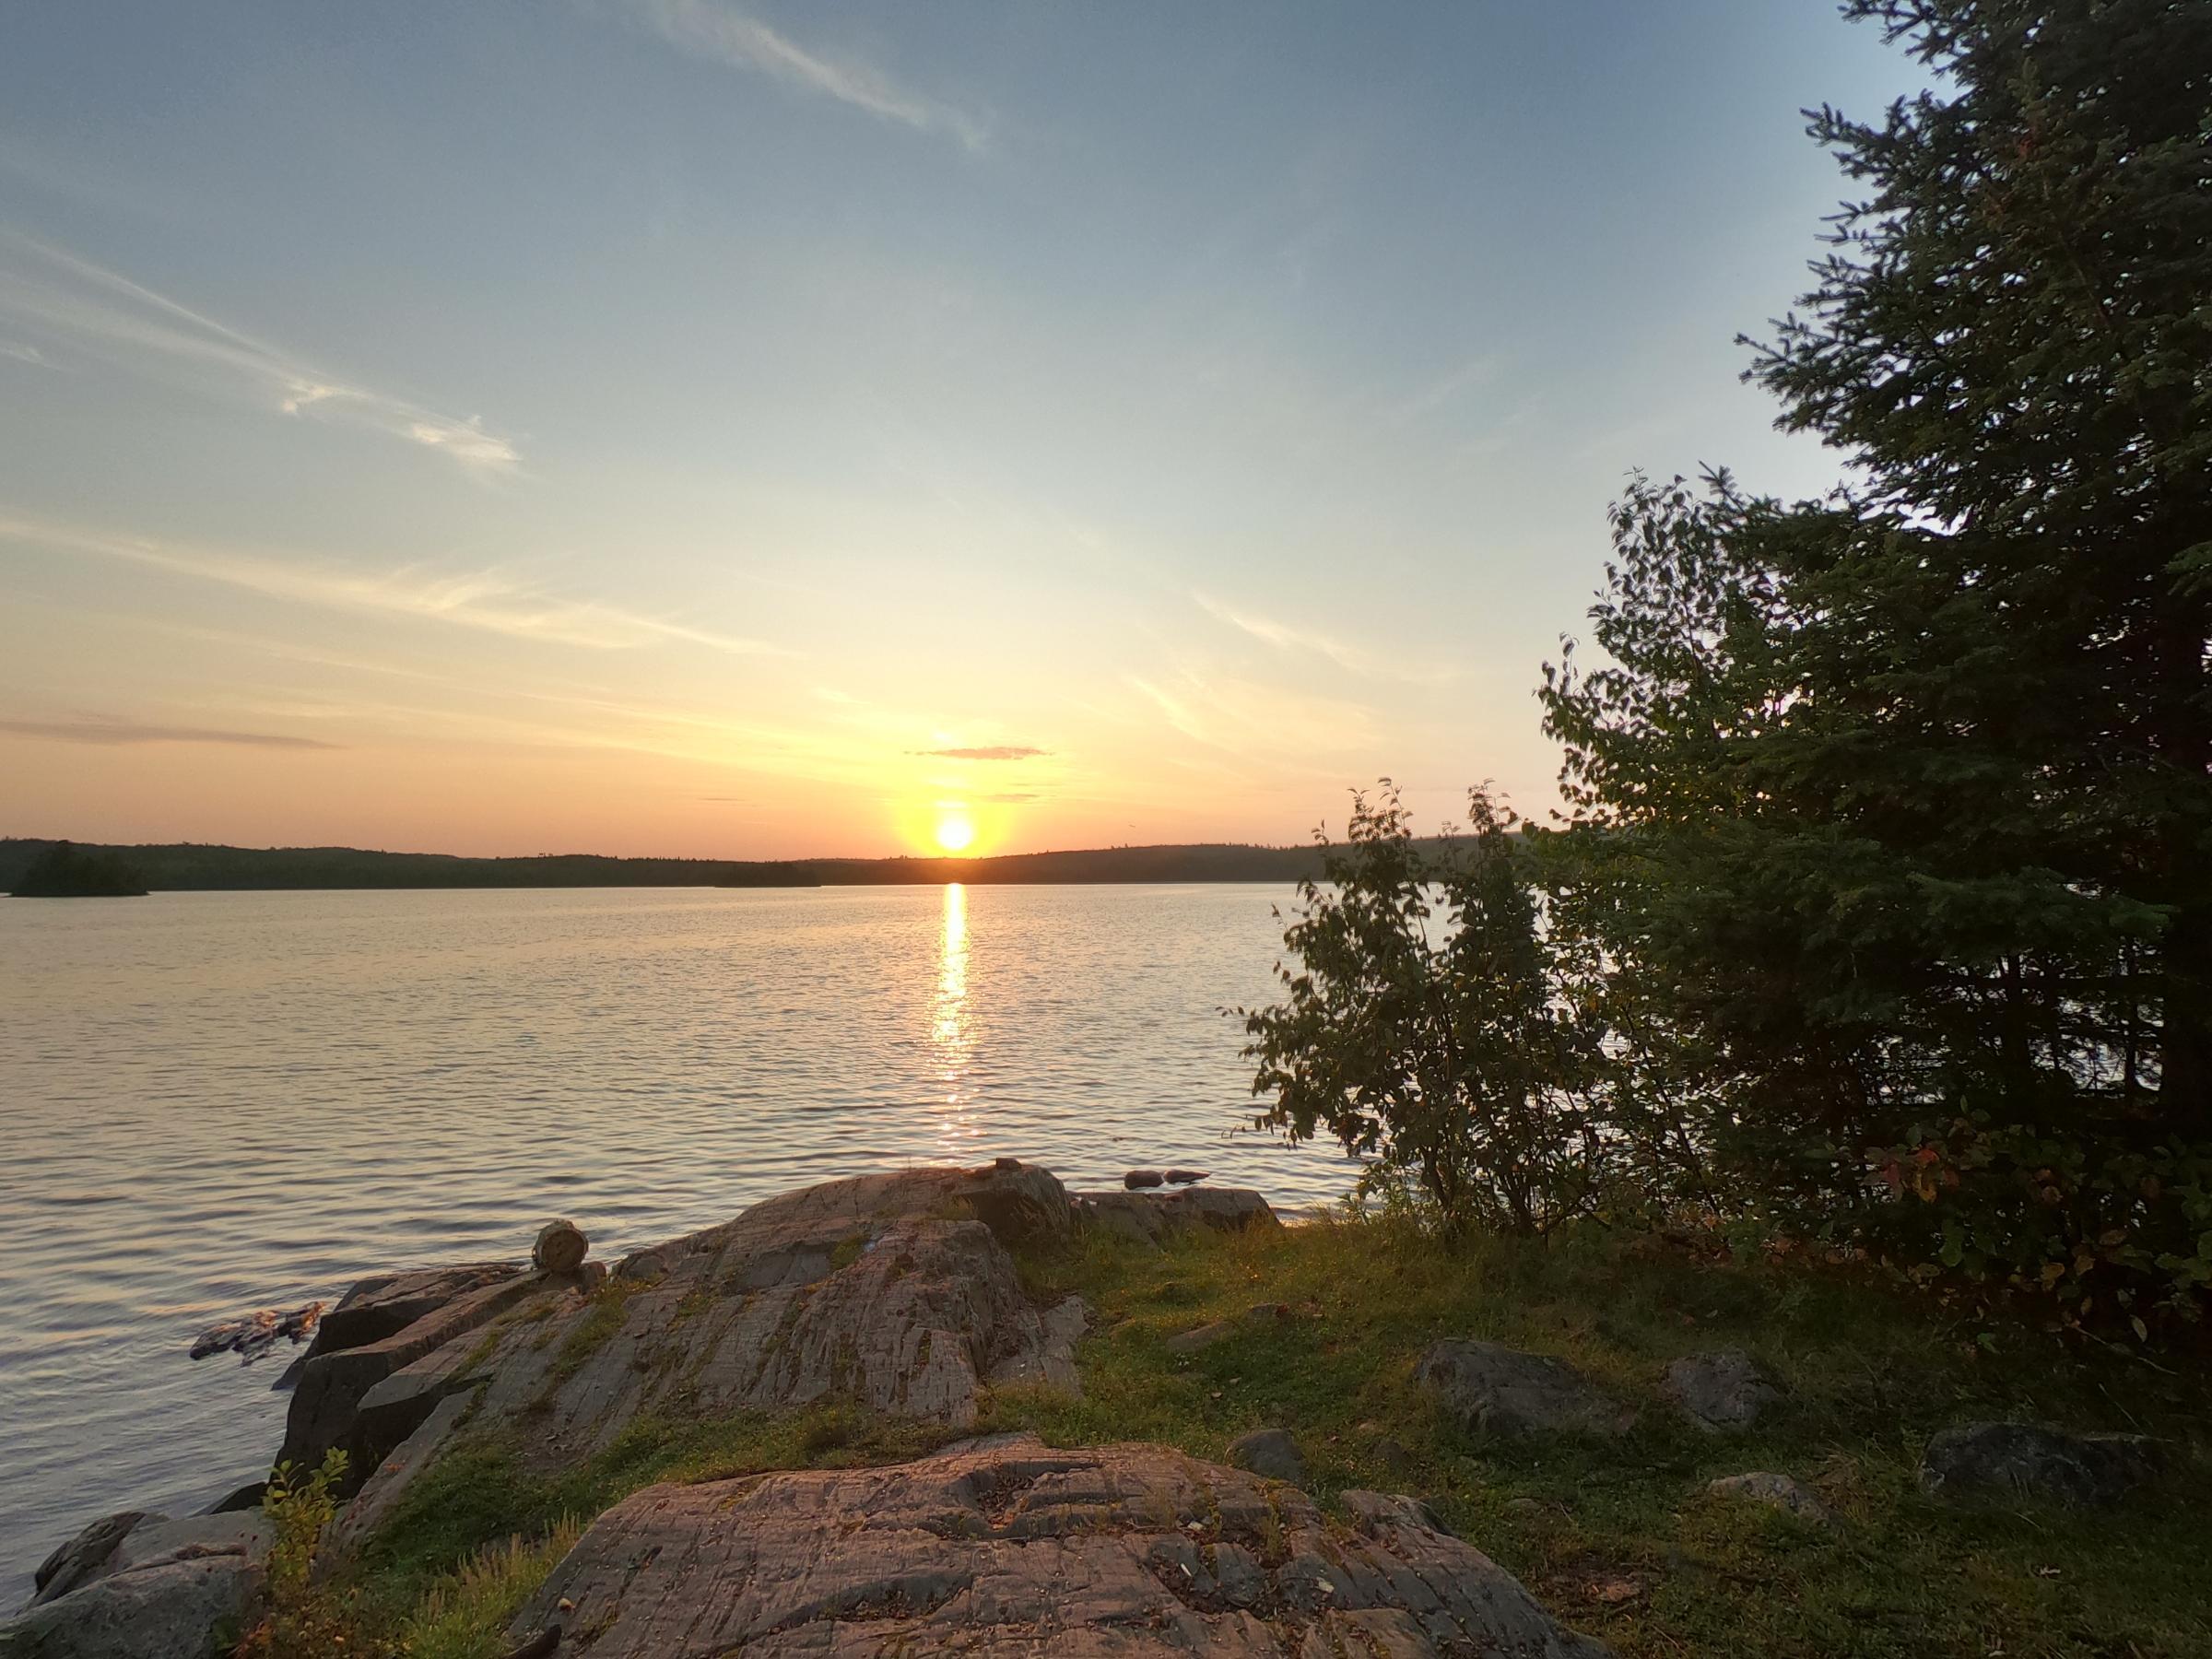 Sunrise on Ensign, campsite 1214